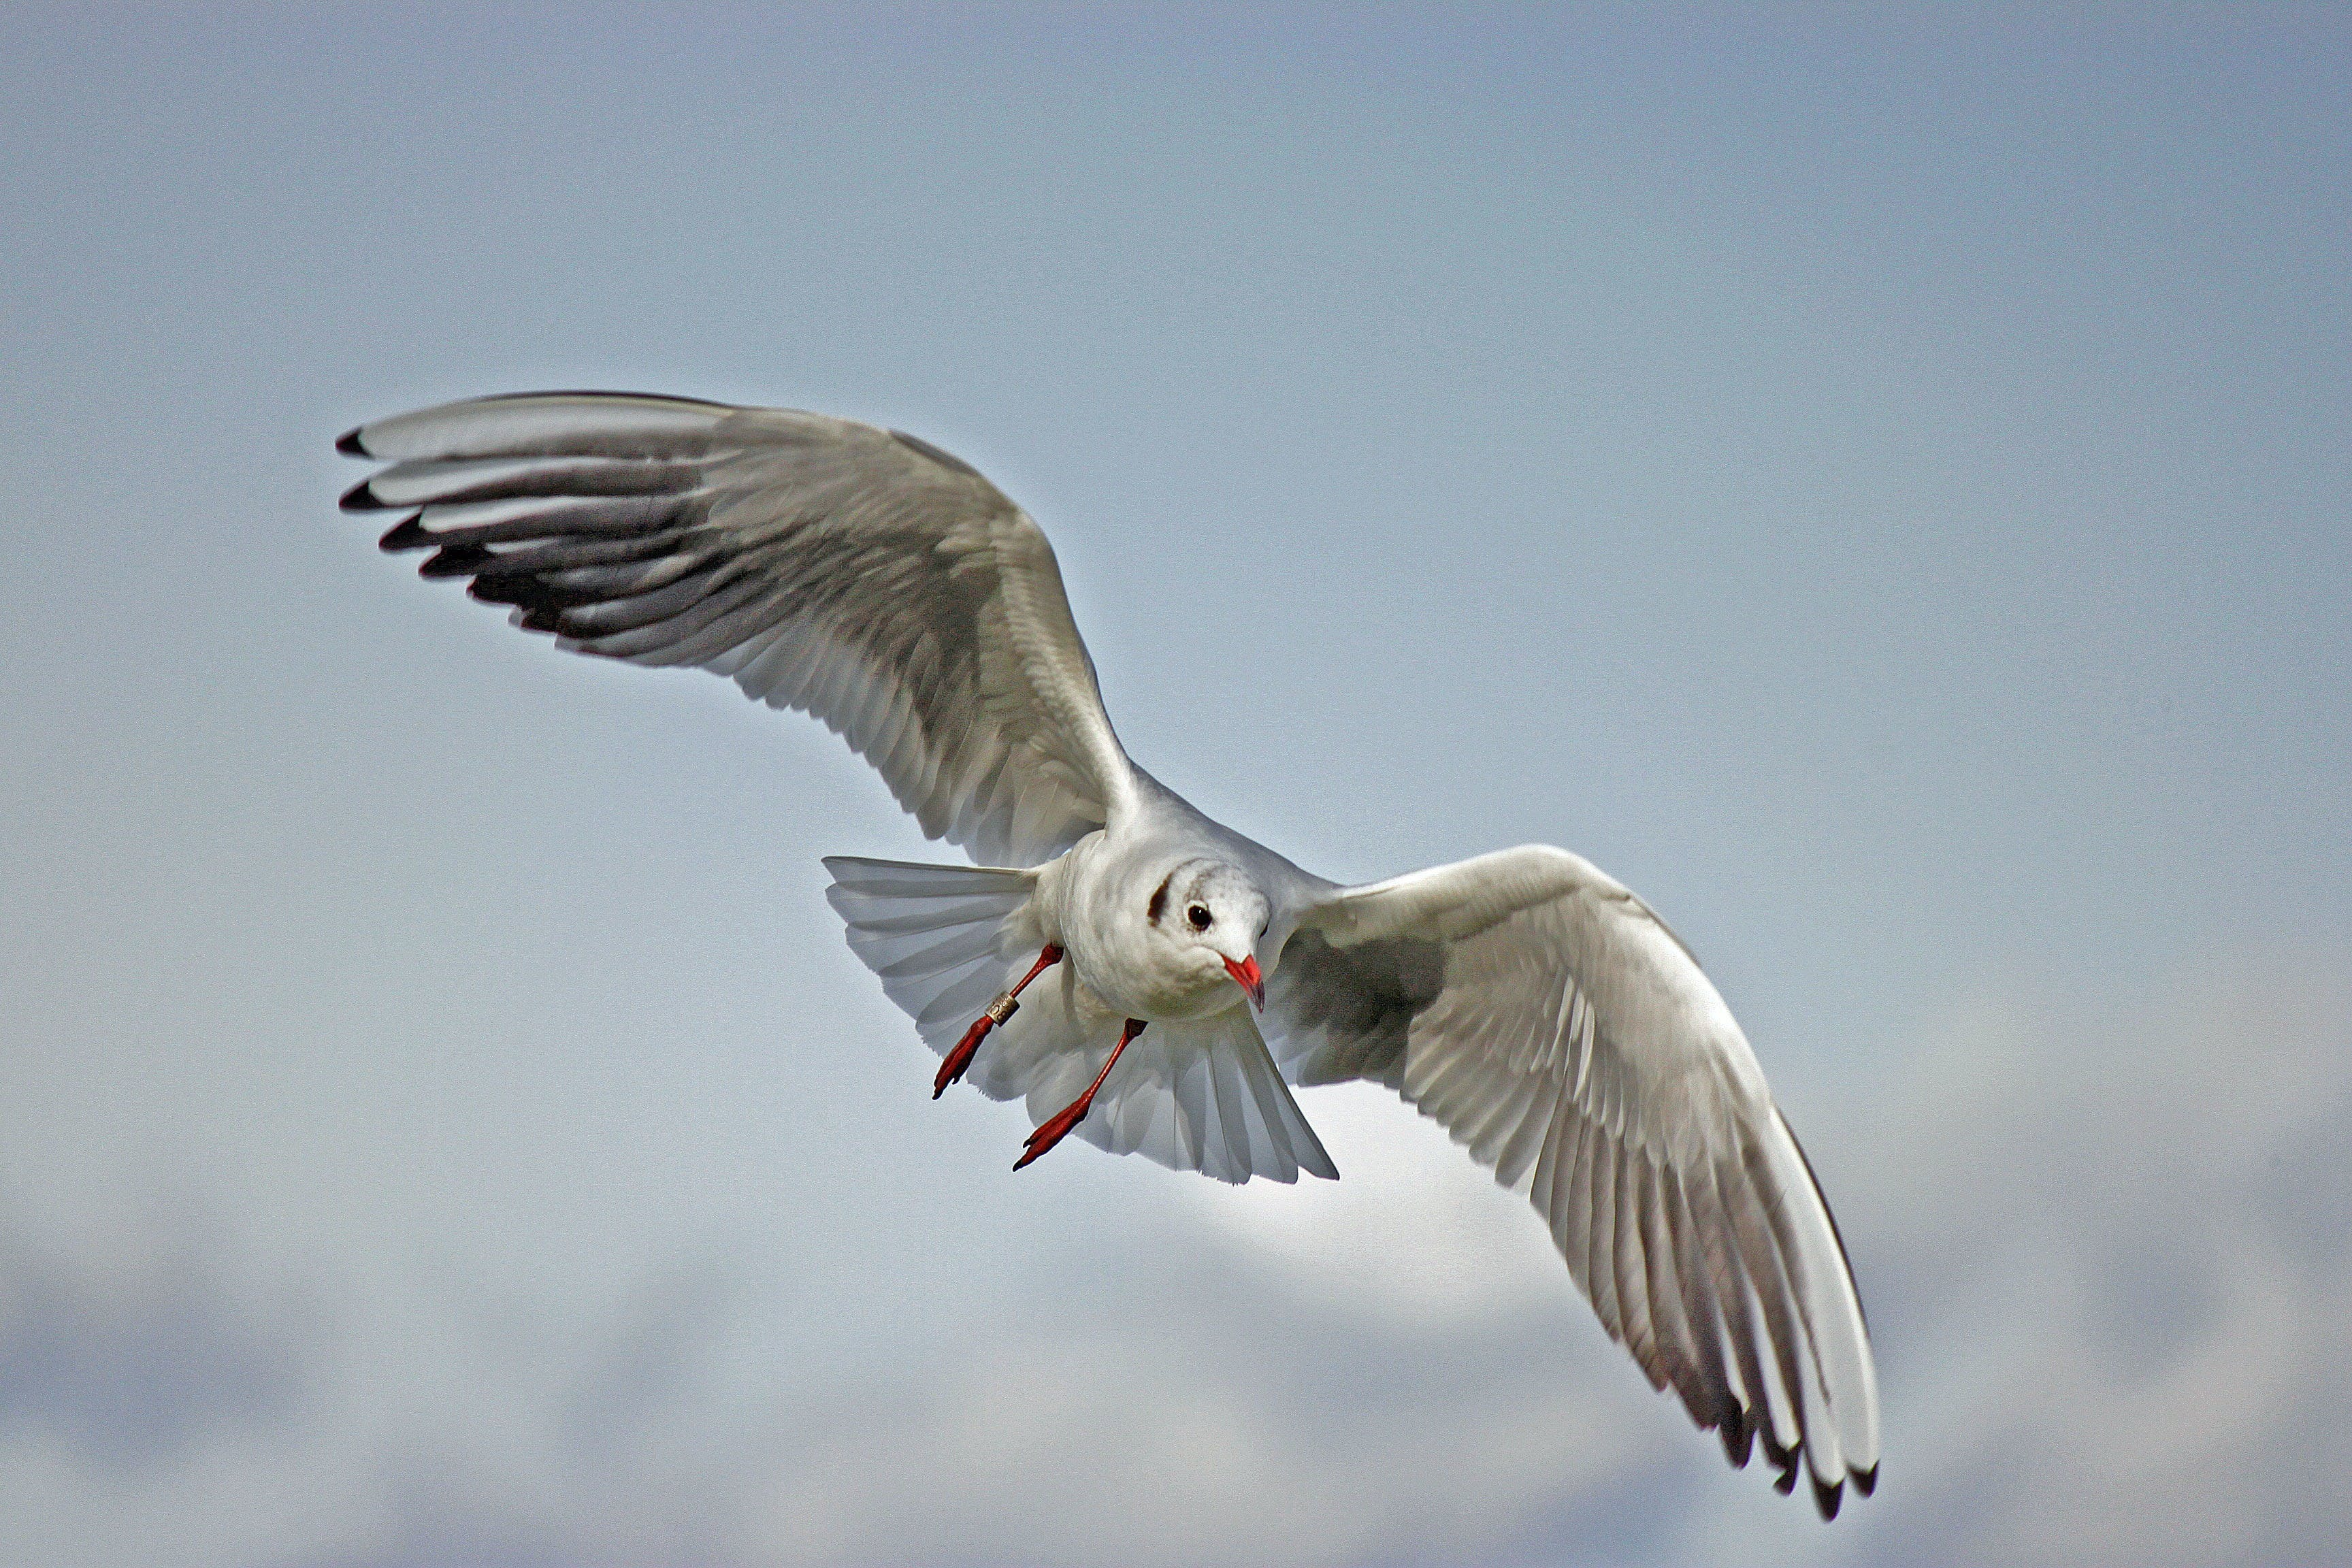 Kostenloses Stock Foto zu vogel, fliegen, tier, möwe